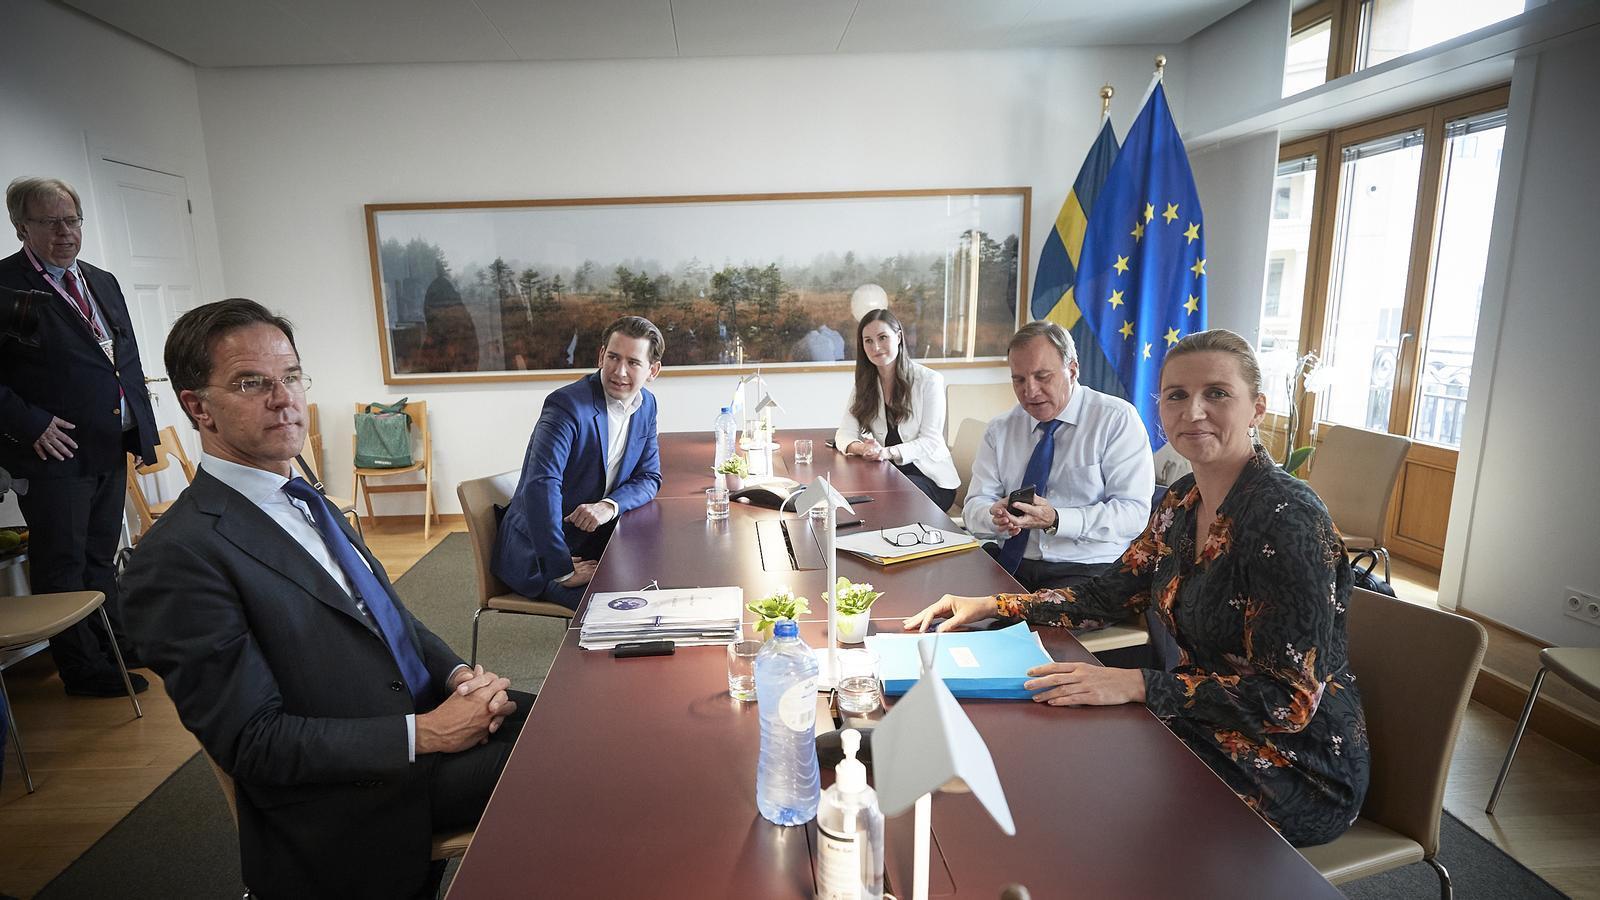 El primer ministre holandès, Mark Rutte, amb el canceller Austríac, Sebastian Kurz, la primera ministra de Finlàndia, Sana Marin, el primer ministre suec, Stefan Lofven i la primera ministra danesa, Mette Frederiksen.